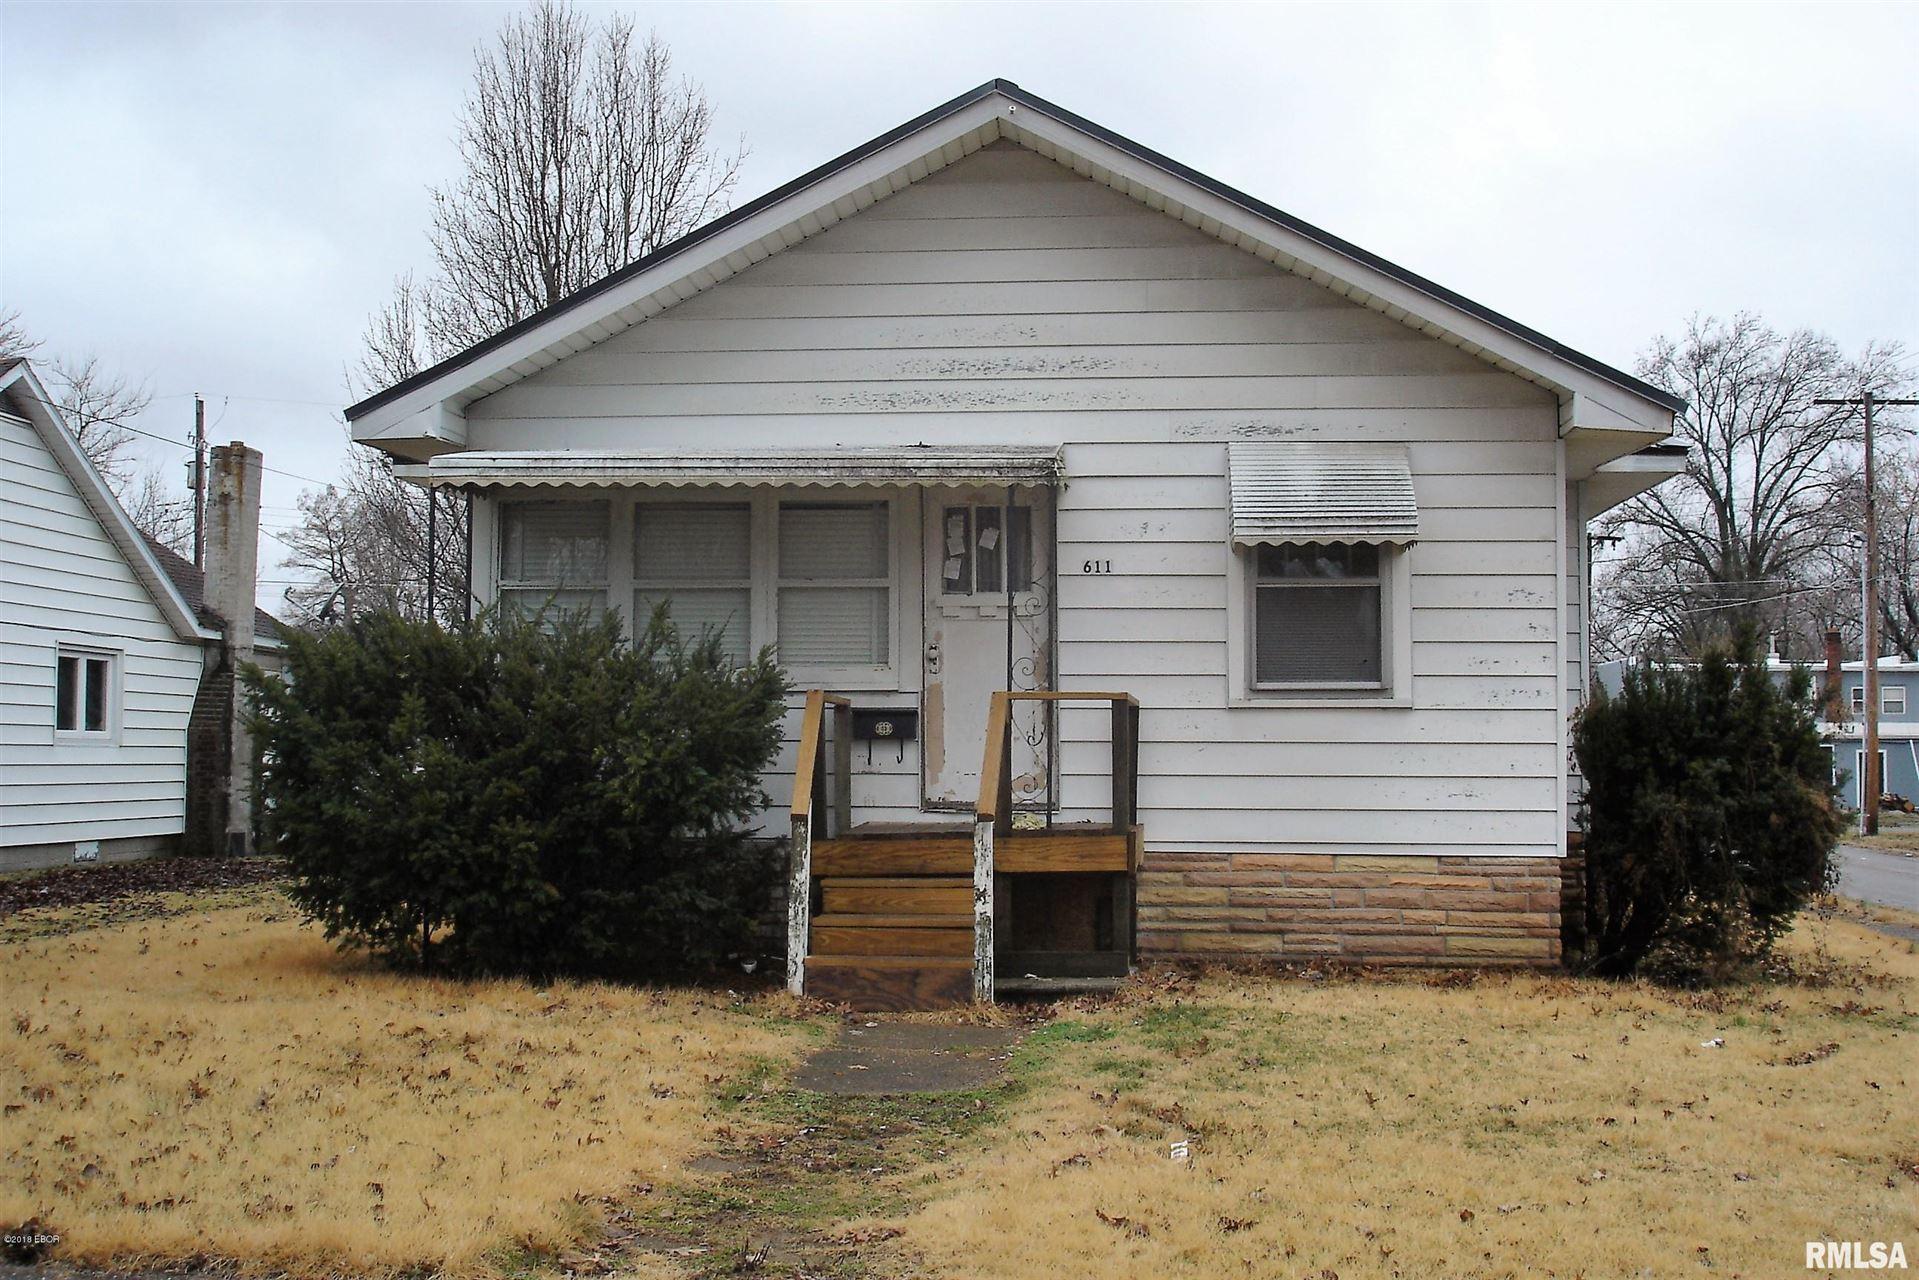 611 Hickman, Benton, IL 62812 - MLS#: EB419149